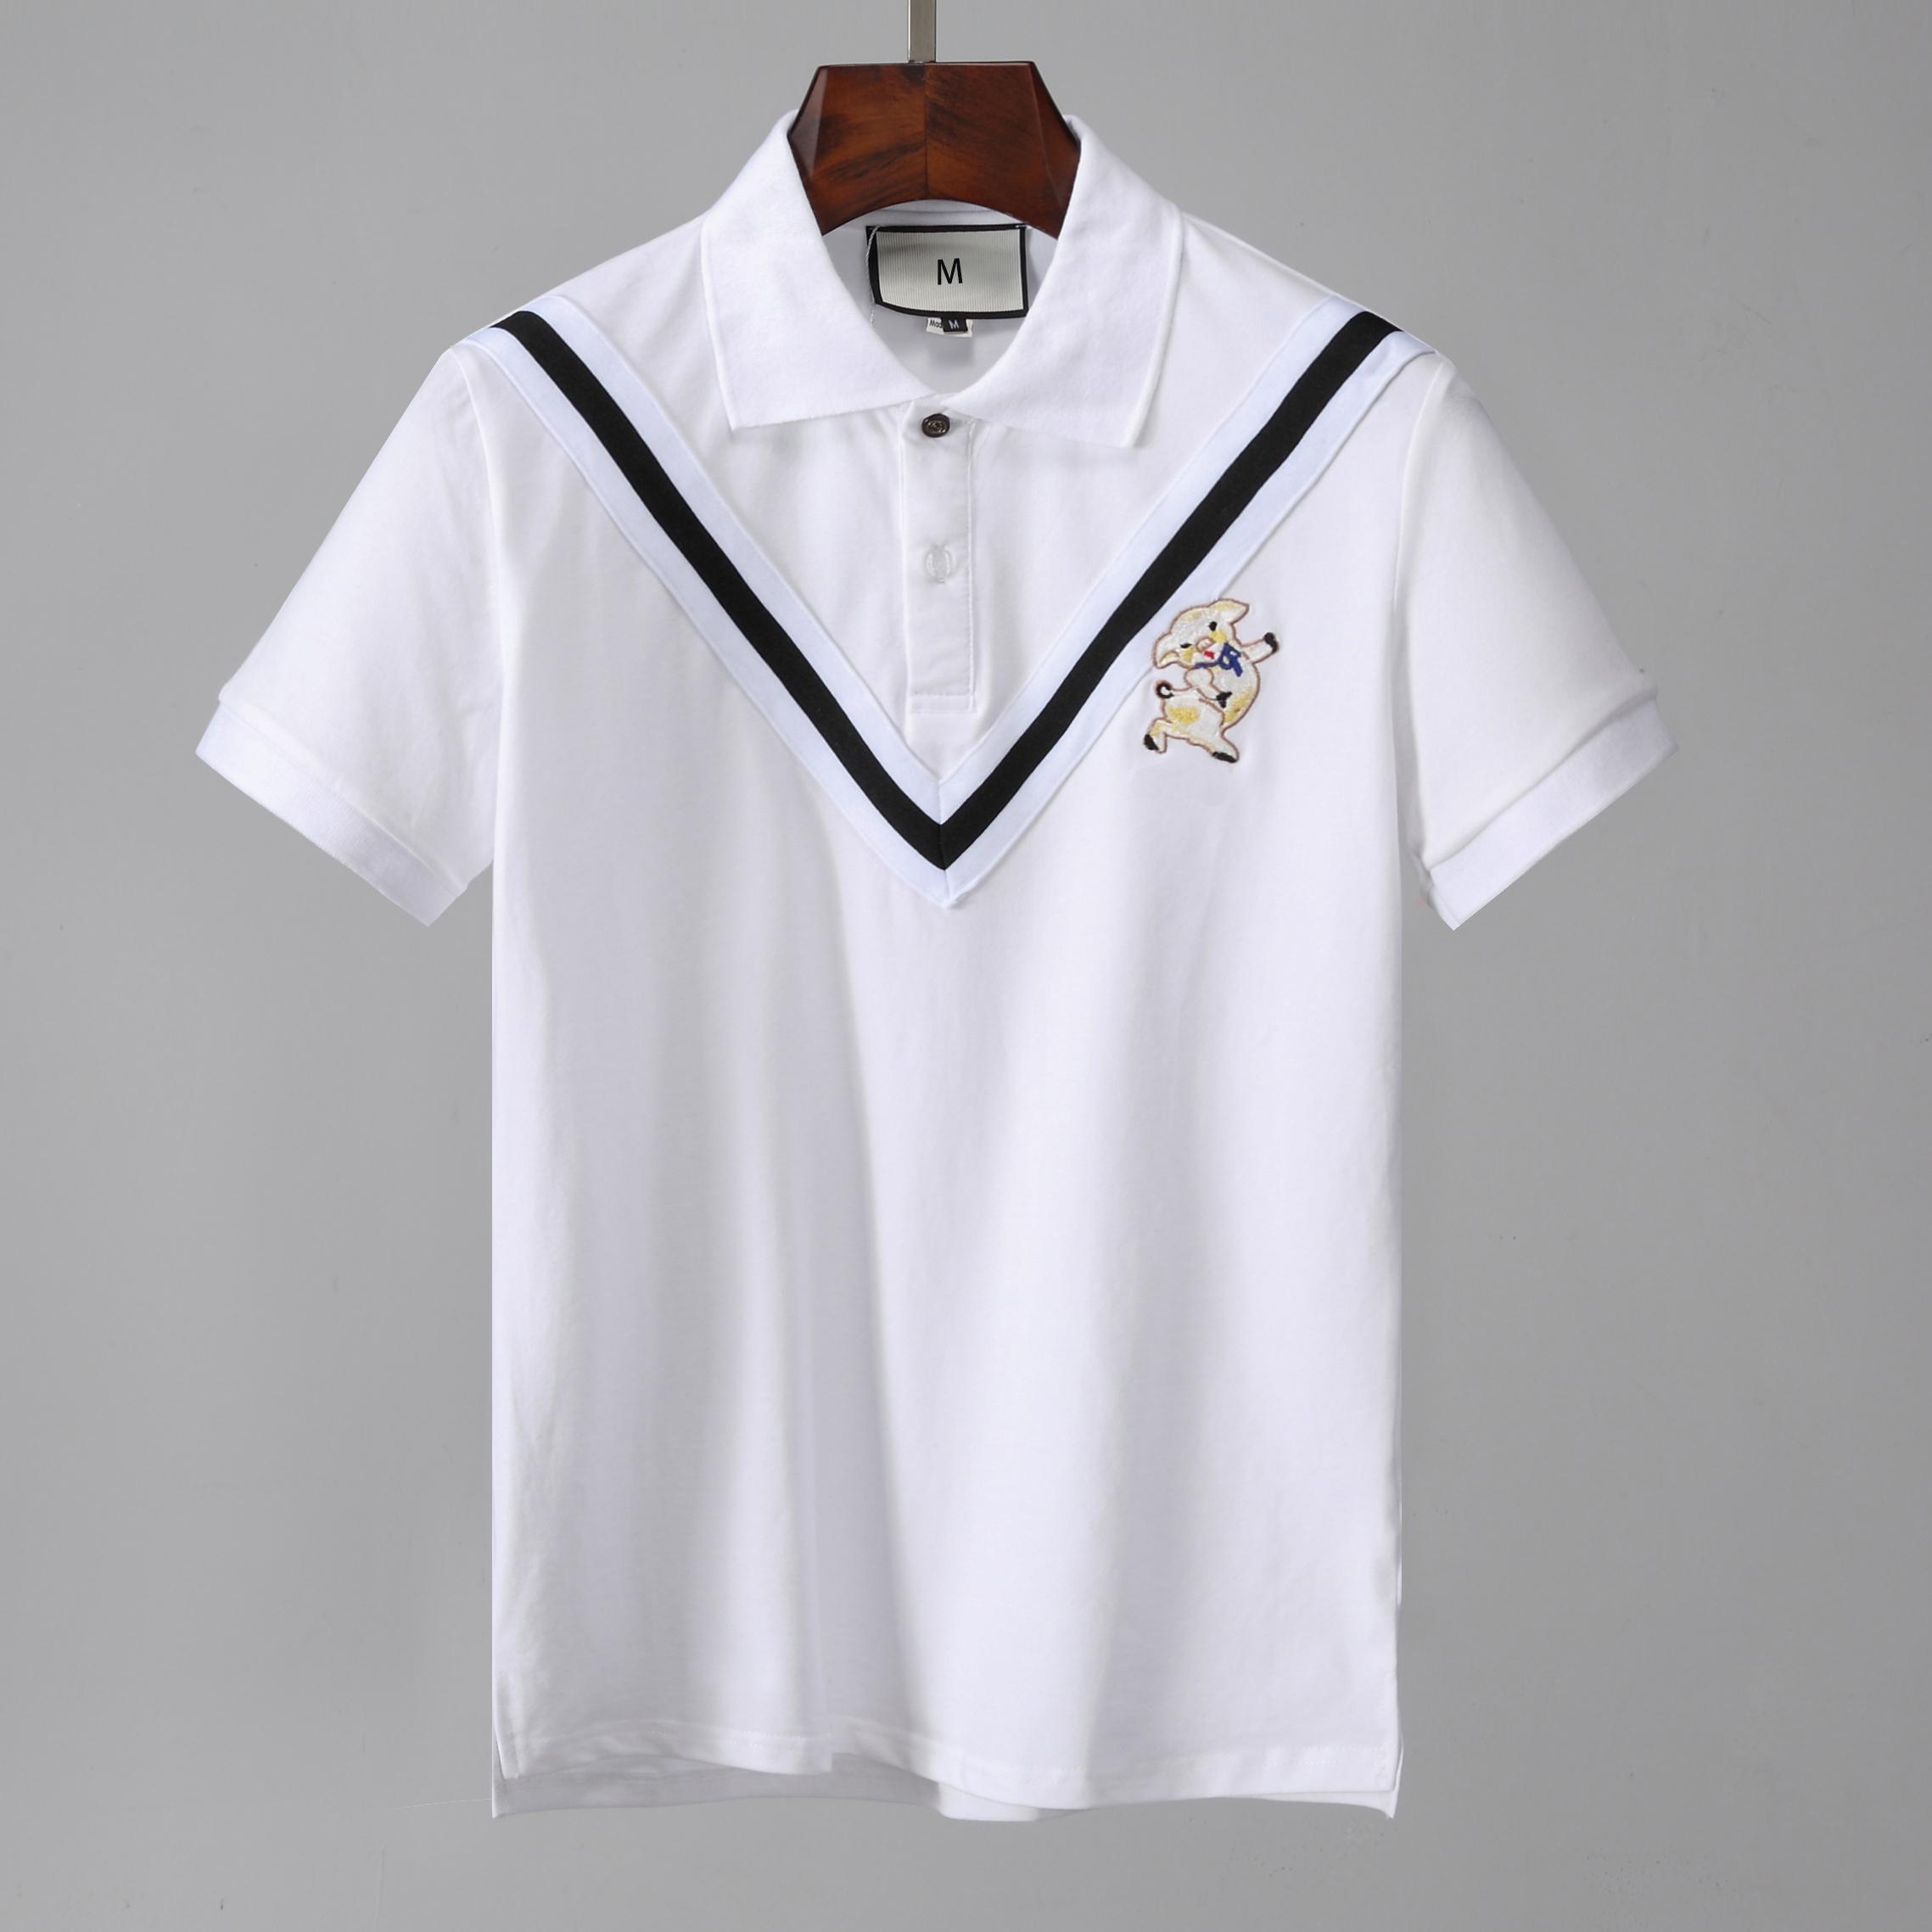 New Designer Tshirt Men Polos 2019 Poloshirt Short Sleeve Blouse